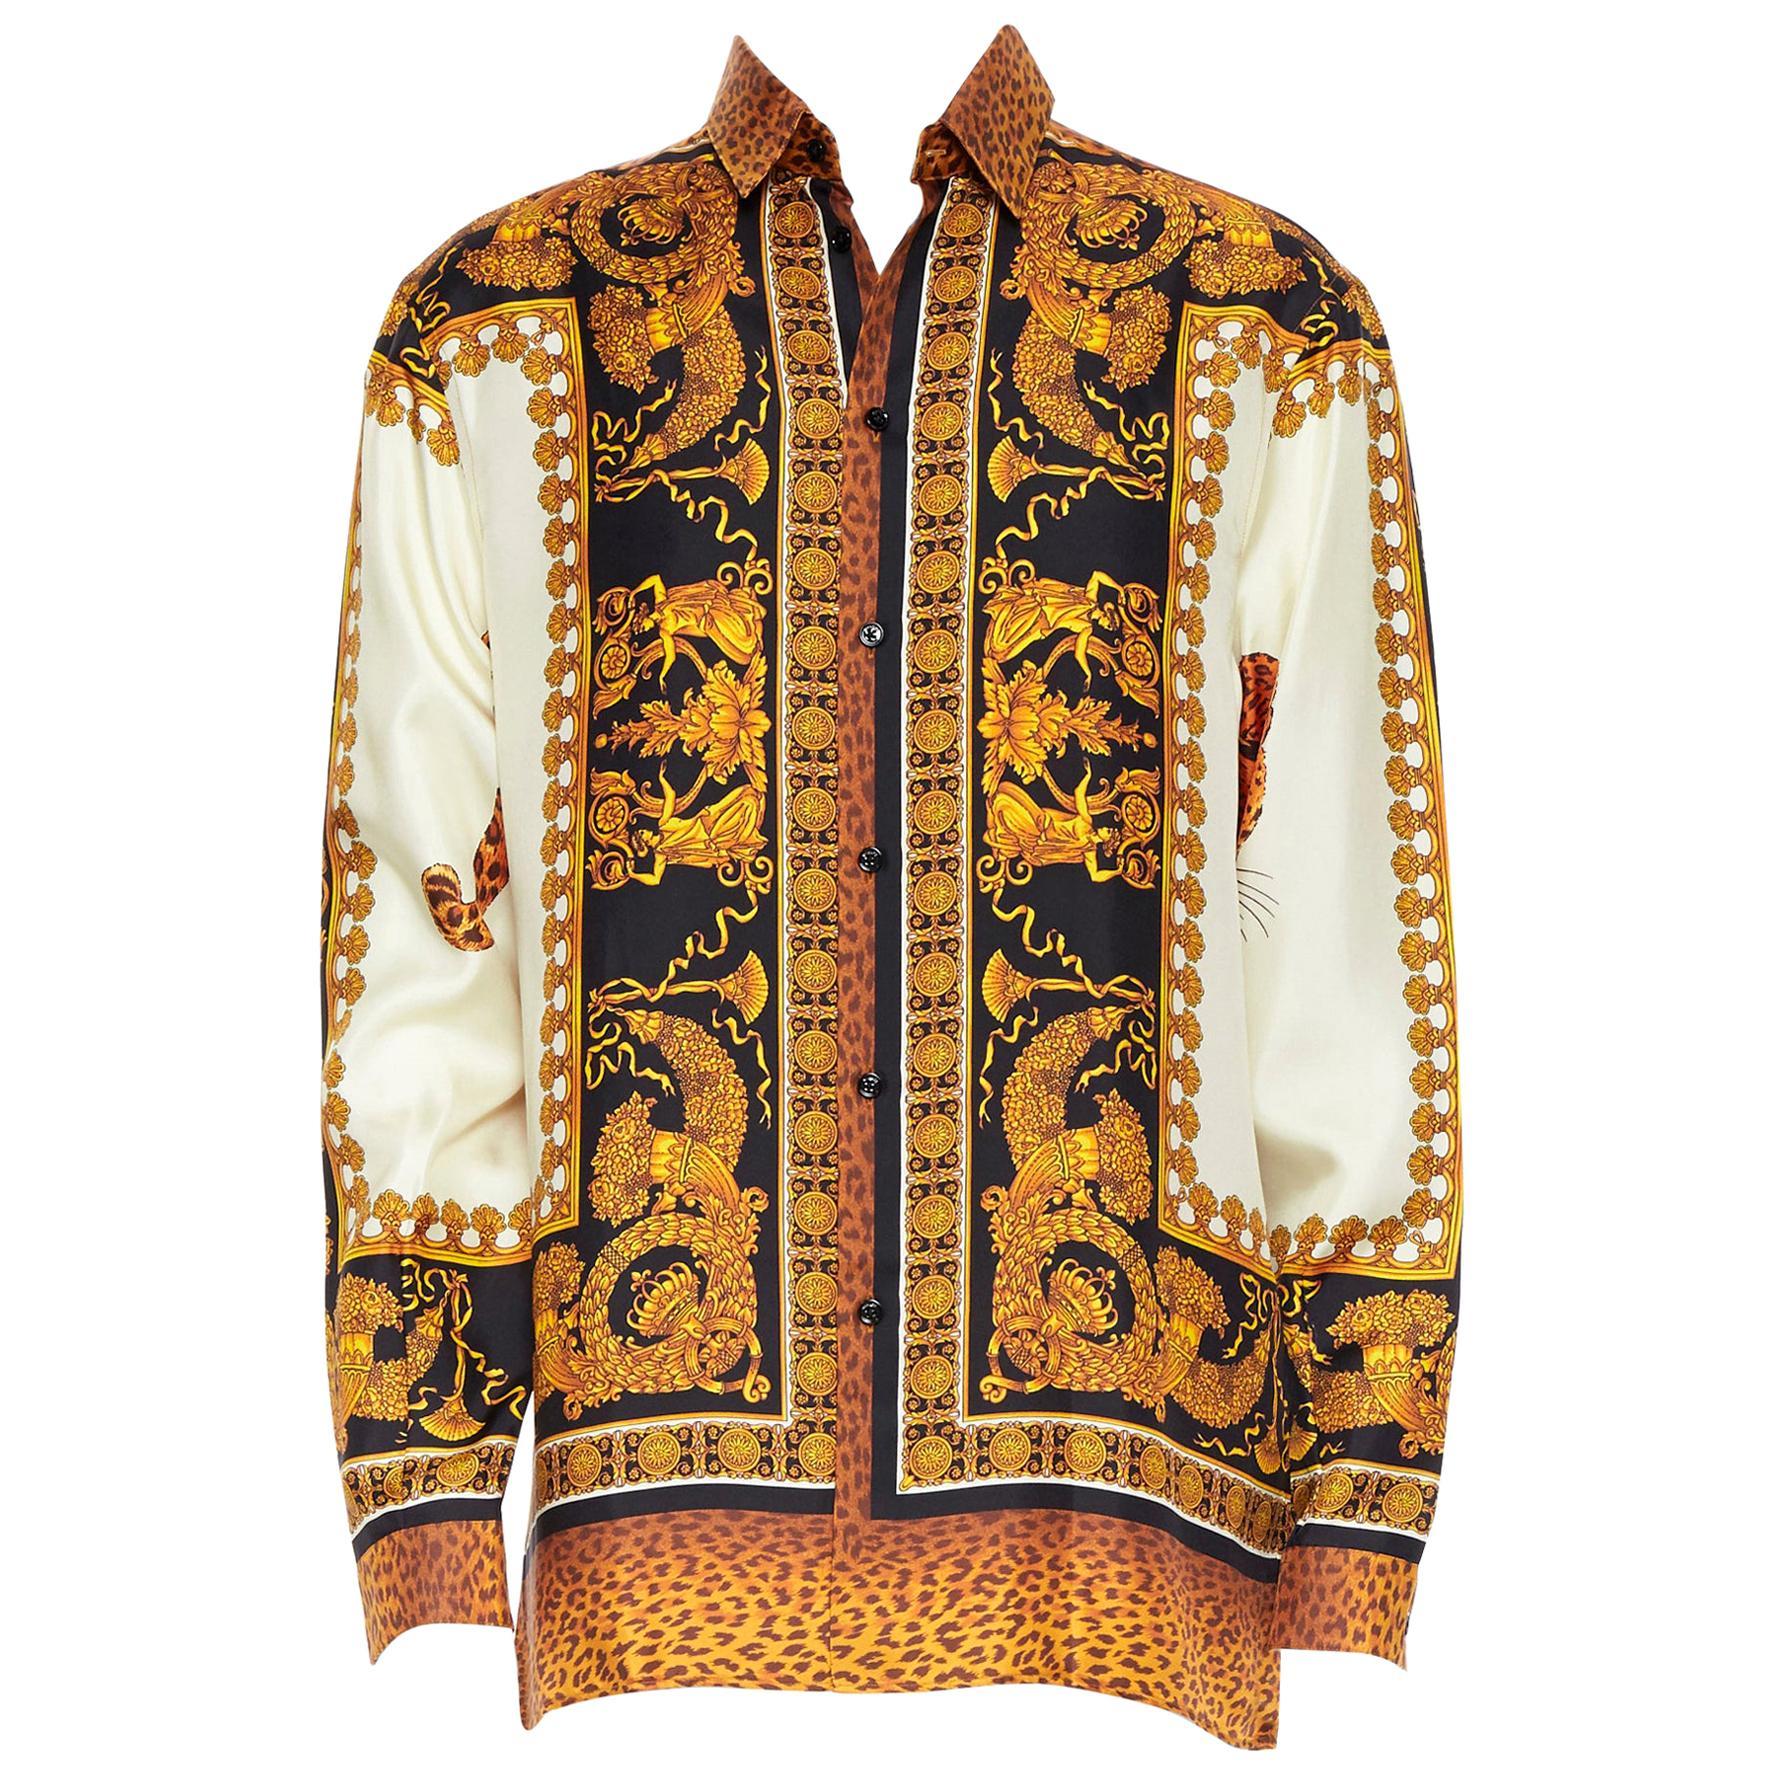 new VERSACE AW18 Runway Wild Leopard gold baroque print 100% silk shirt EU38 S